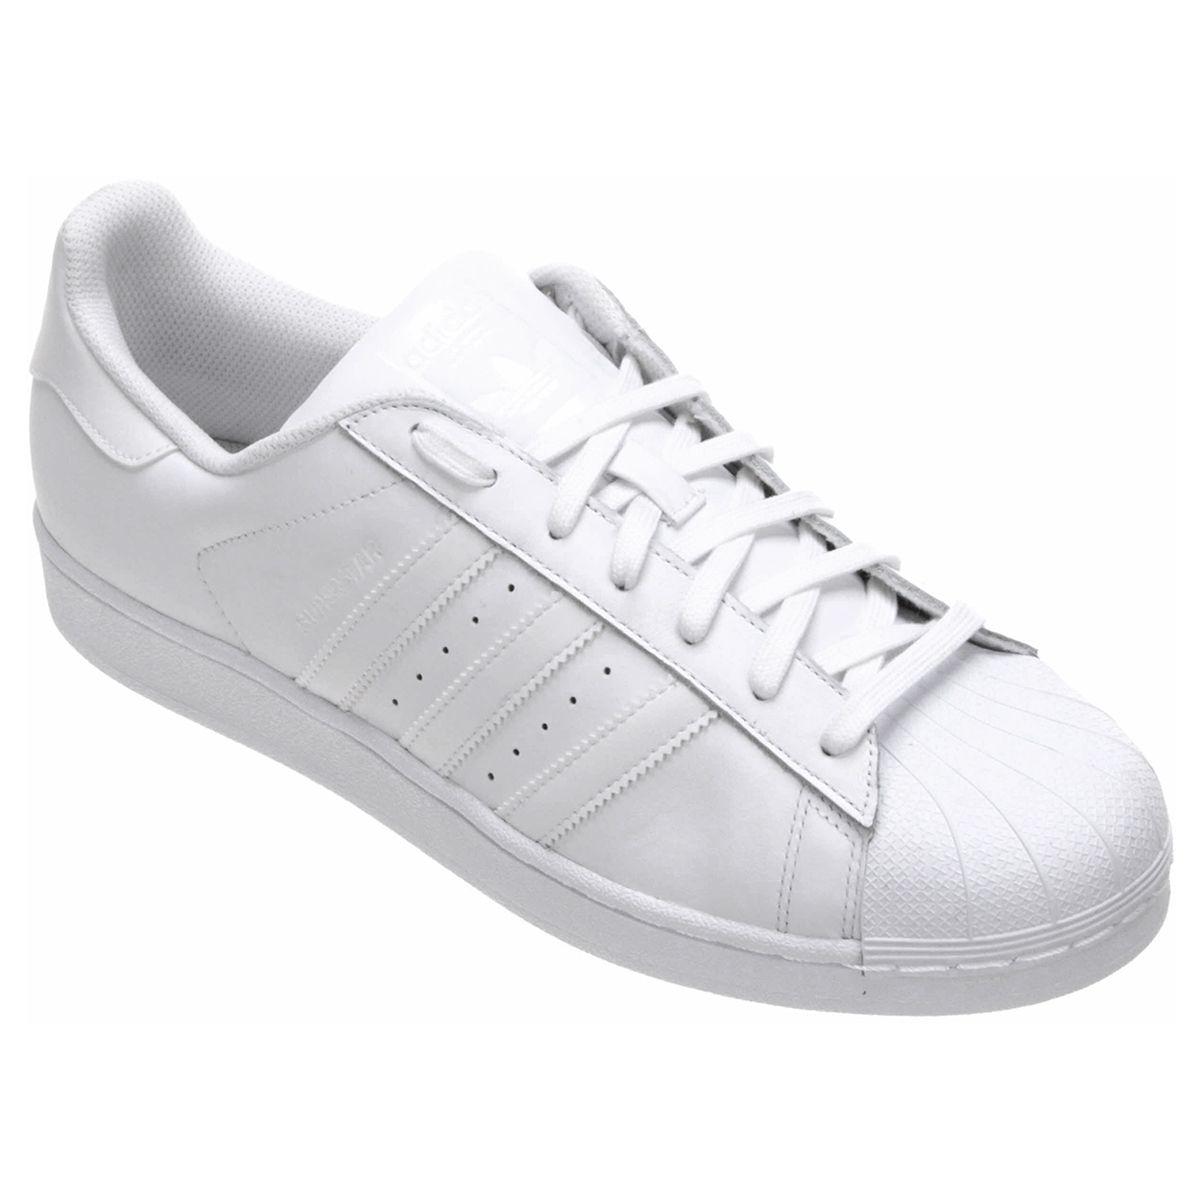 O estilo casual ganha mais autenticidade com o Tênis Adidas Superstar  Foundation Branco. O modelo 6e2716acb49ff